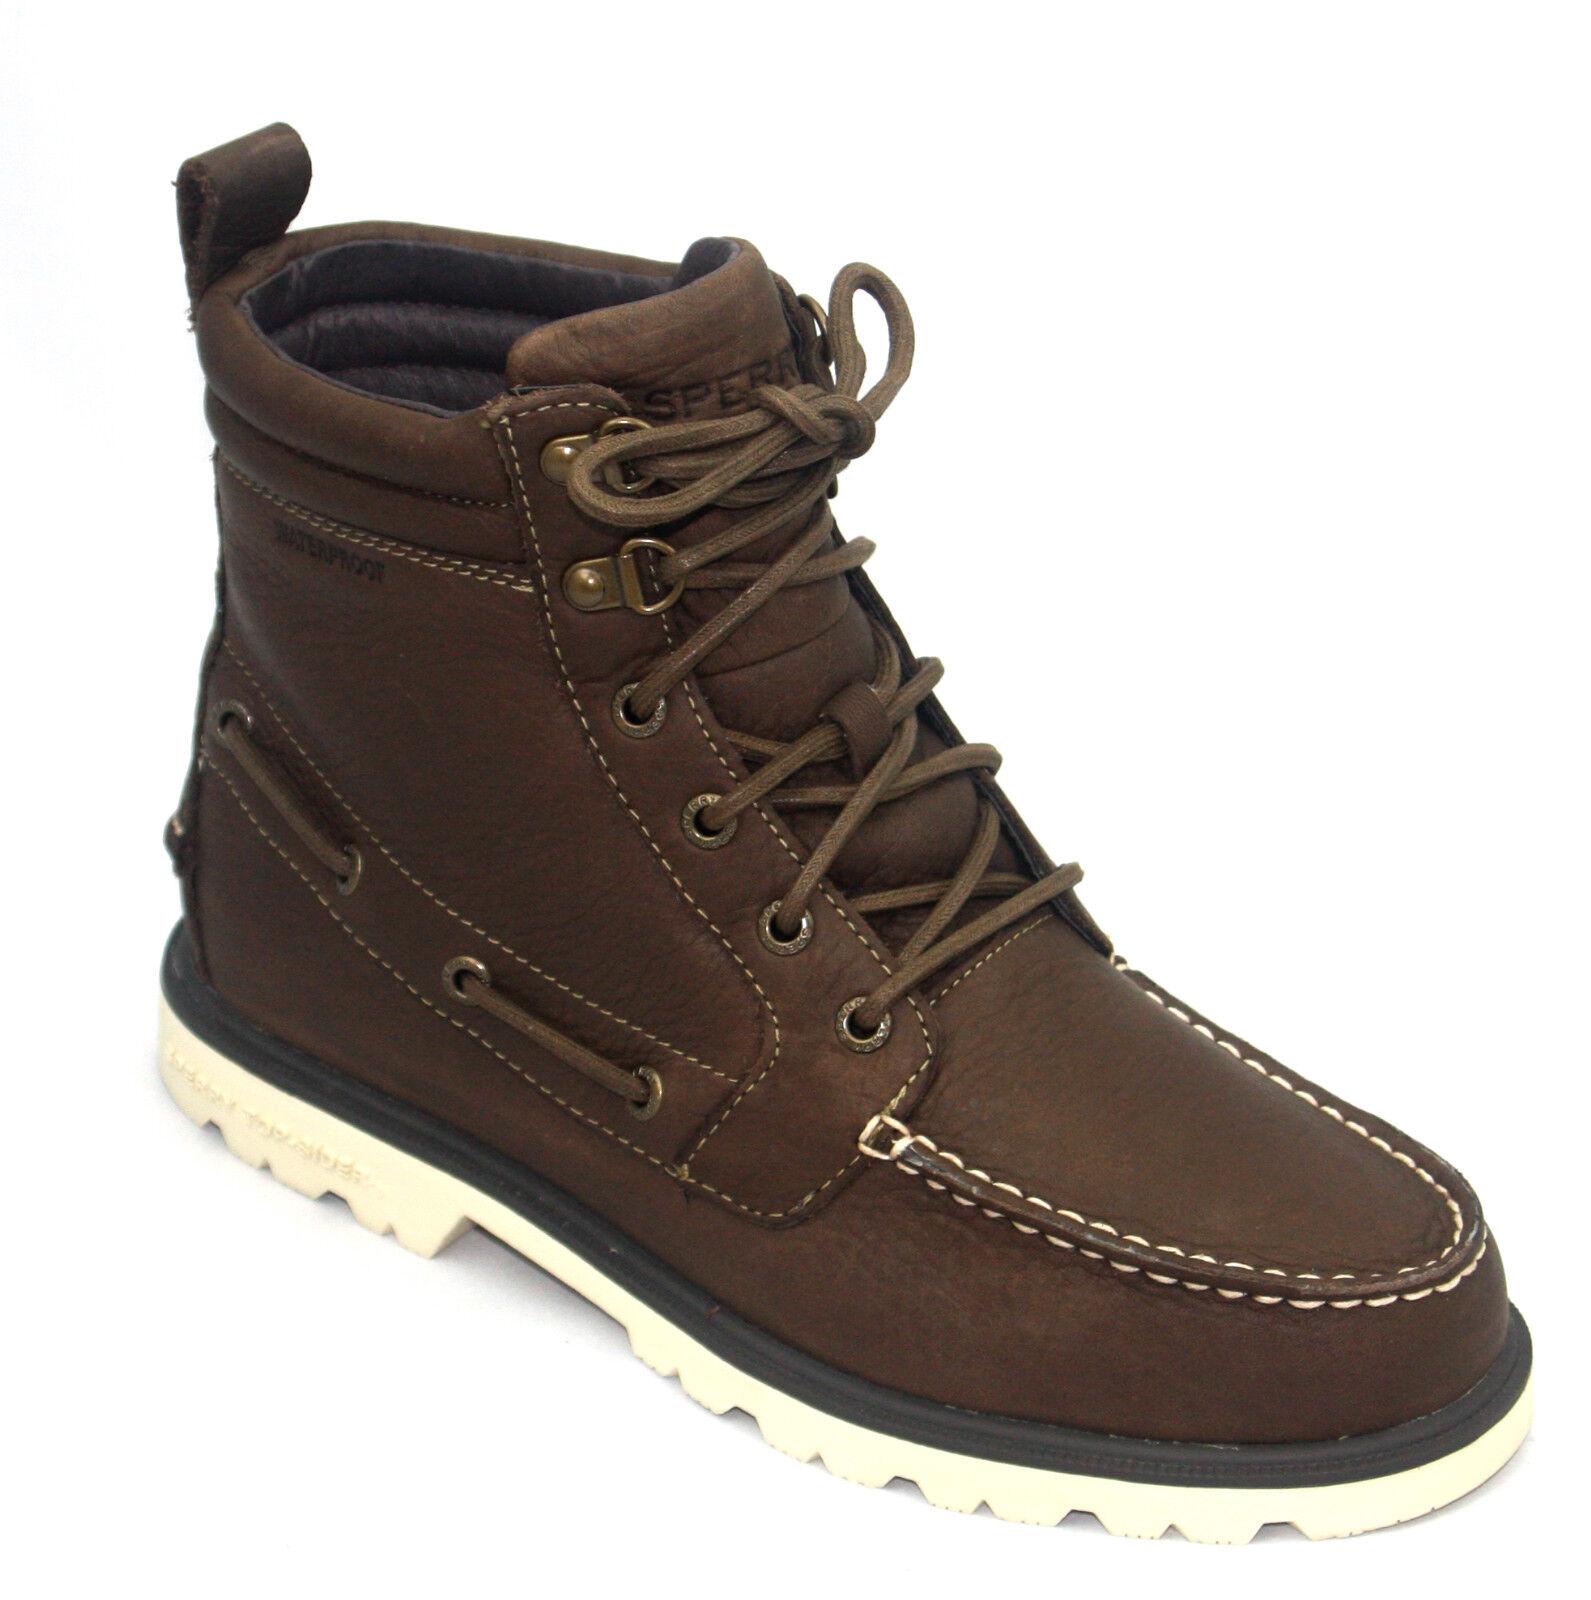 Herren Herren Herren Sperry dunkelbraun Original Noppen Stiefel Schuhe Wanderer 879106